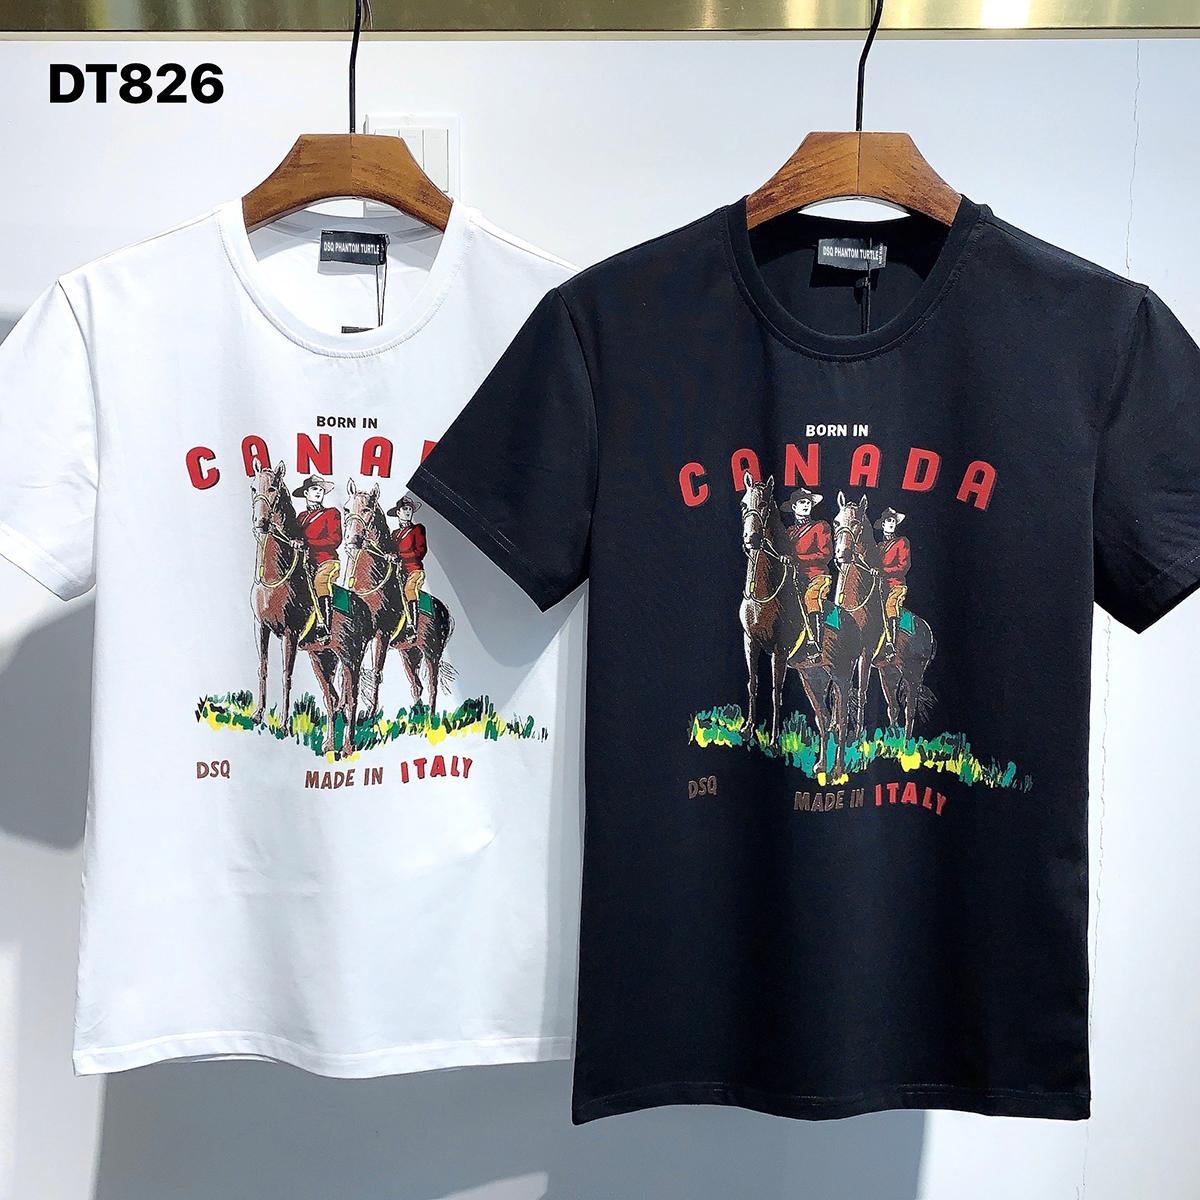 DSQ PHANTOM TURTLE 2021SS New Mens Designer T shirt Paris fashion Tshirts Summer DSQ Pattern T-shirt Male Top Quality 100% Cotton Top 1089